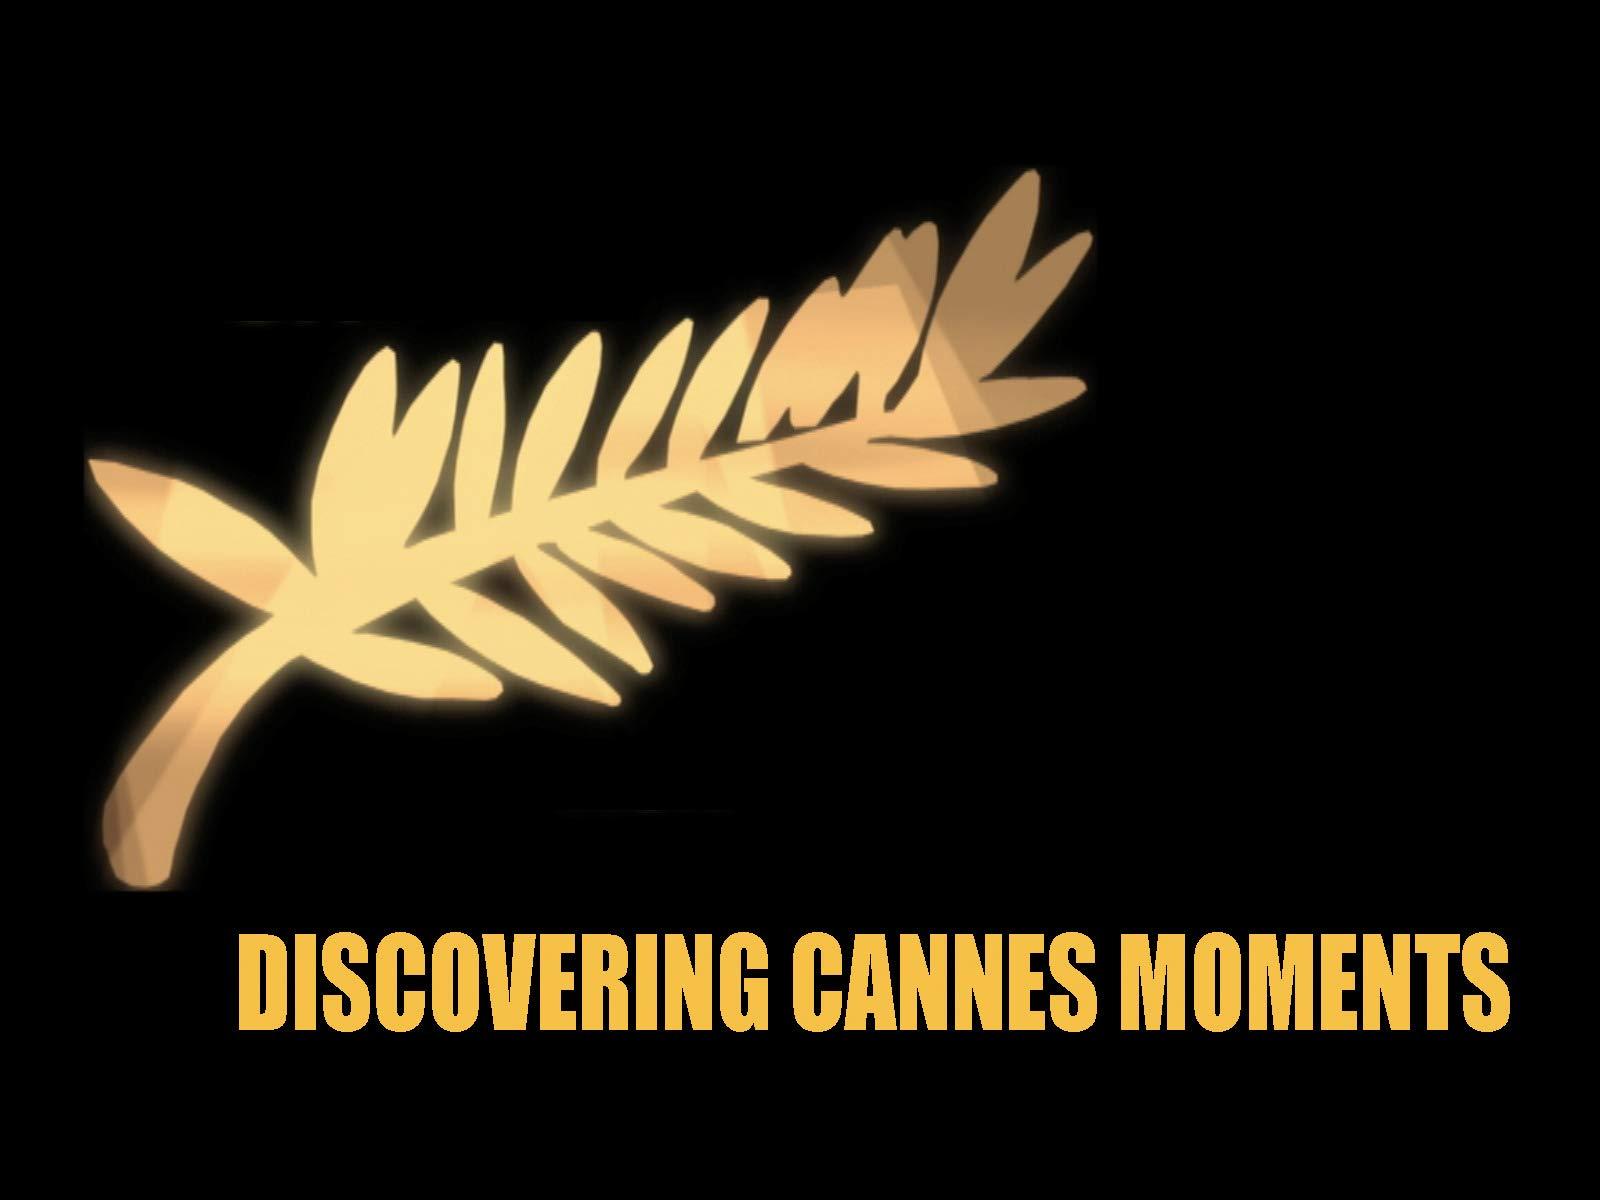 Cannes Moments - Season 1